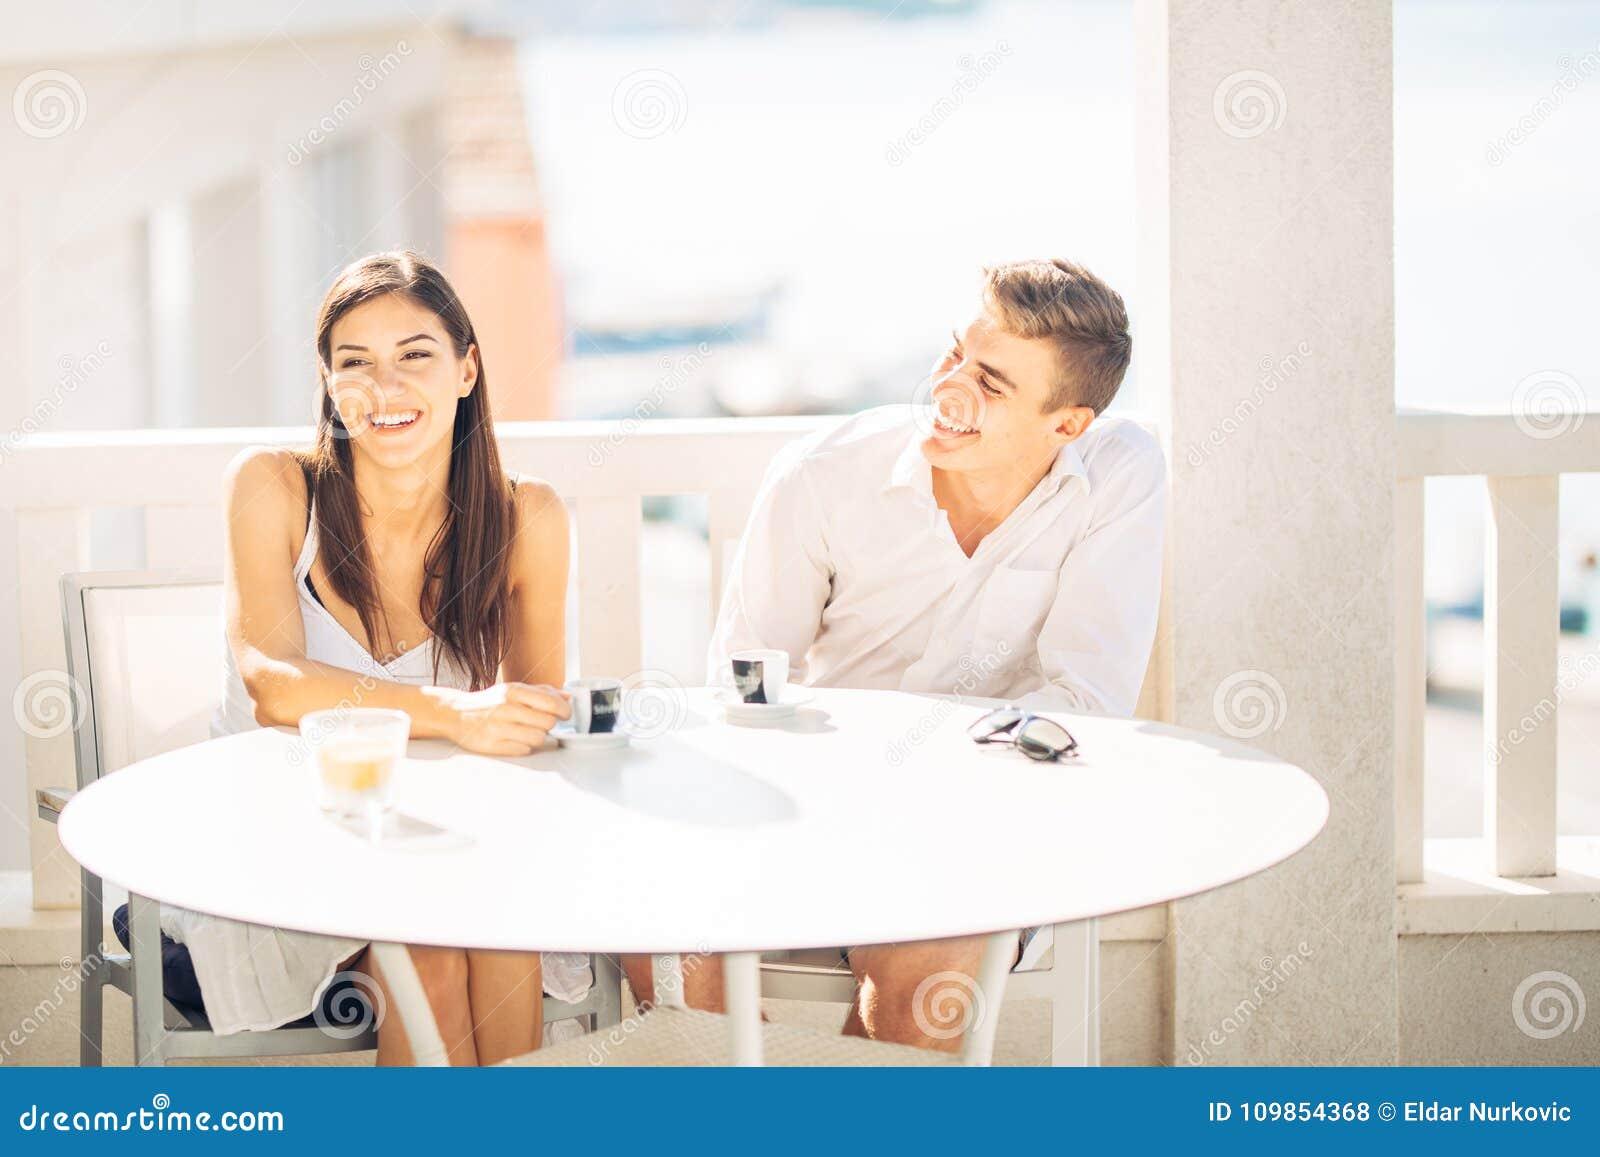 ραντεβού φίλους φλερτ να βγαίνω με μια αρραβωνιασμένη γυναίκα